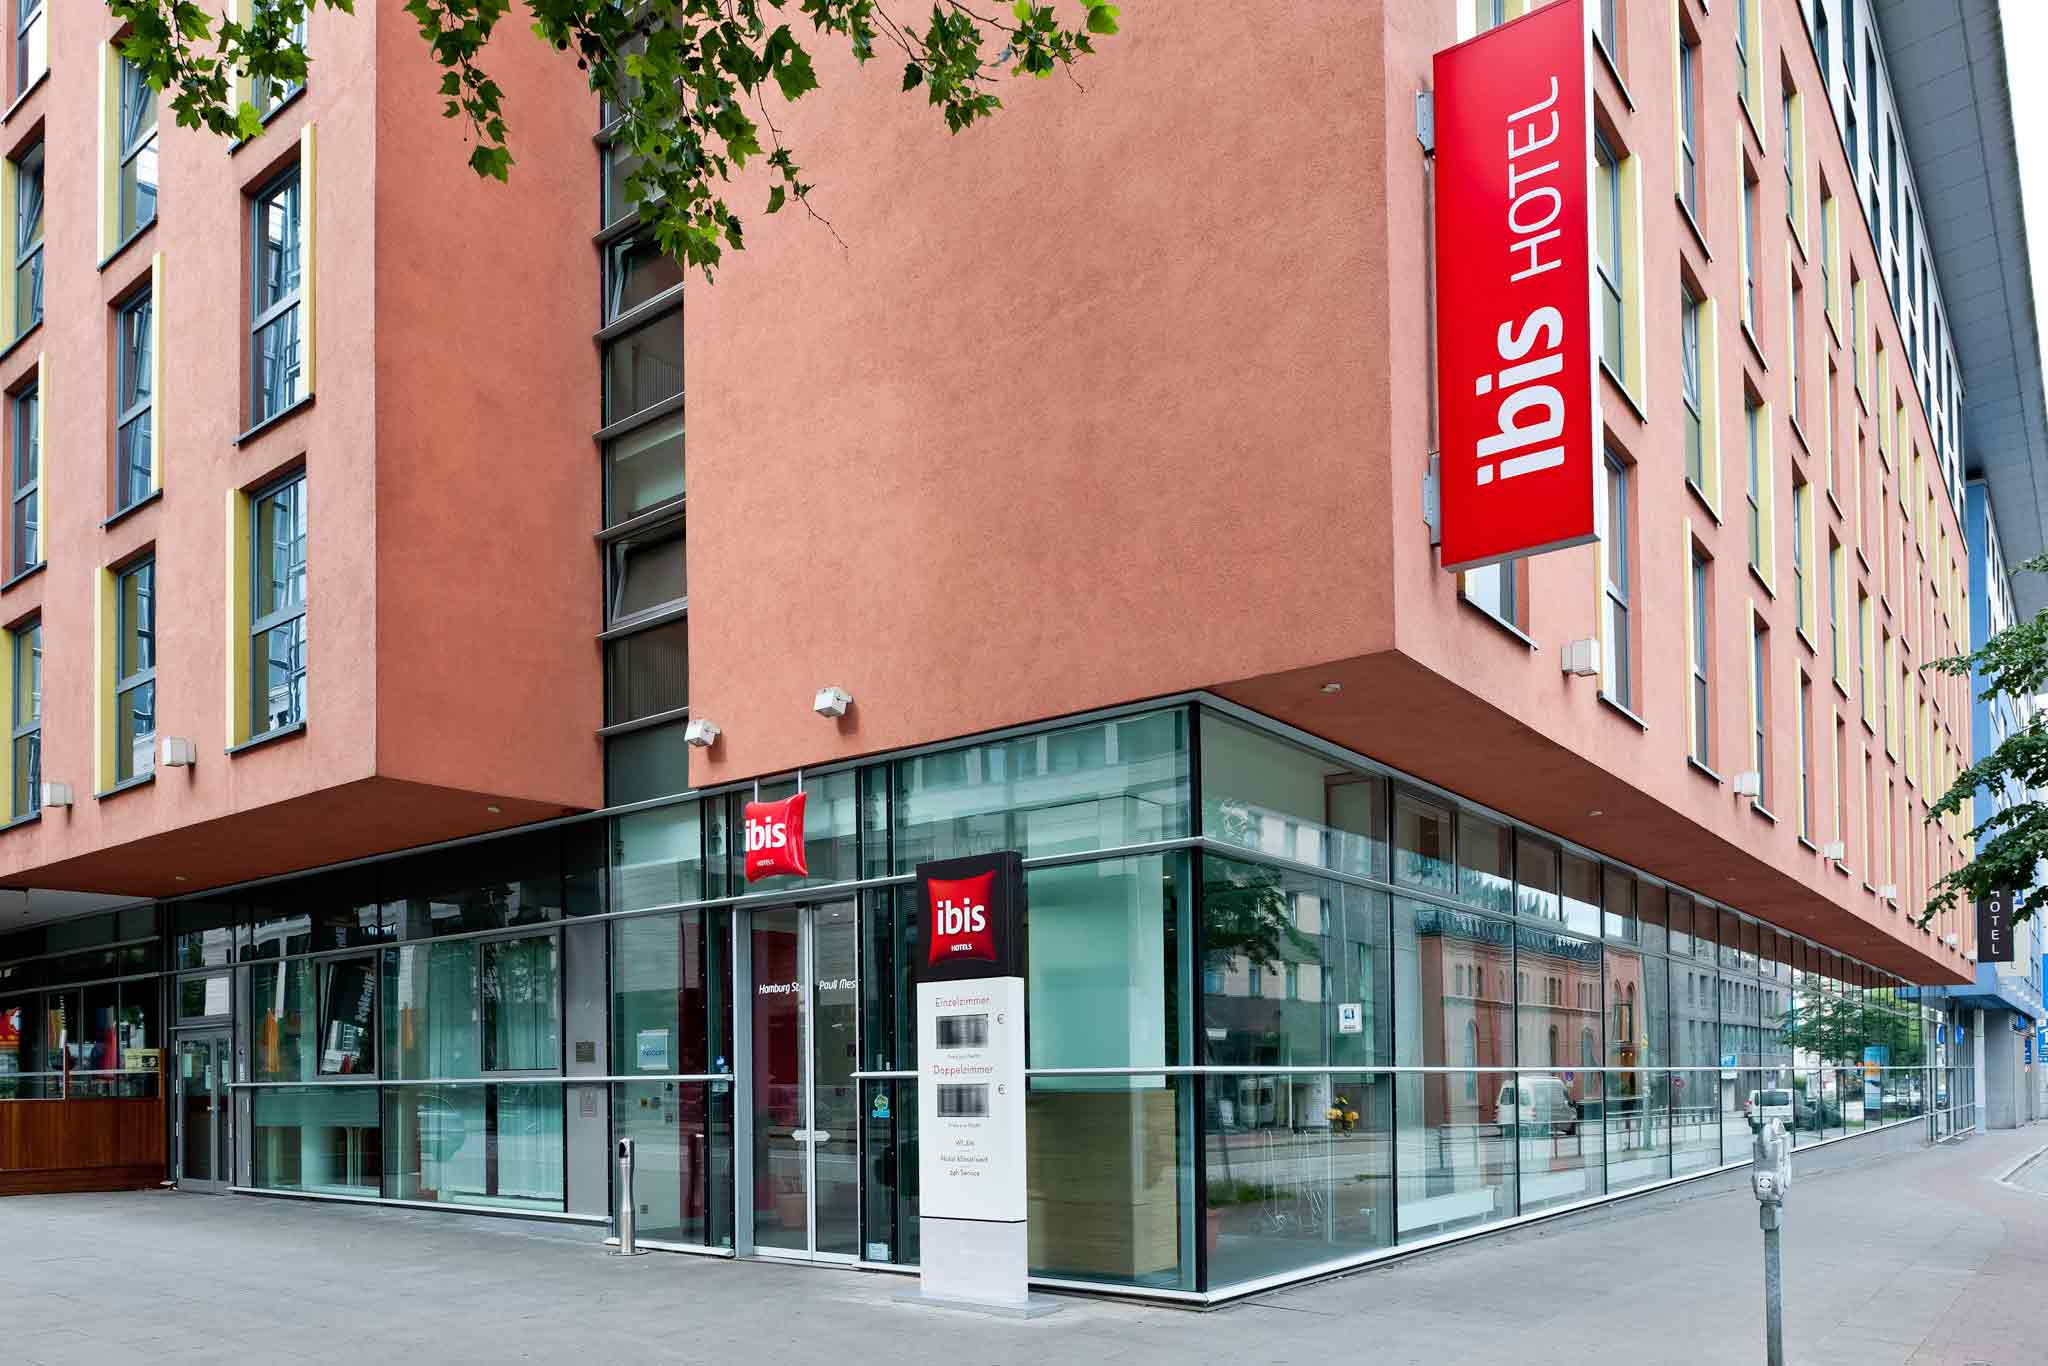 Ibis Hotel St. Pauli Messe Außenansicht